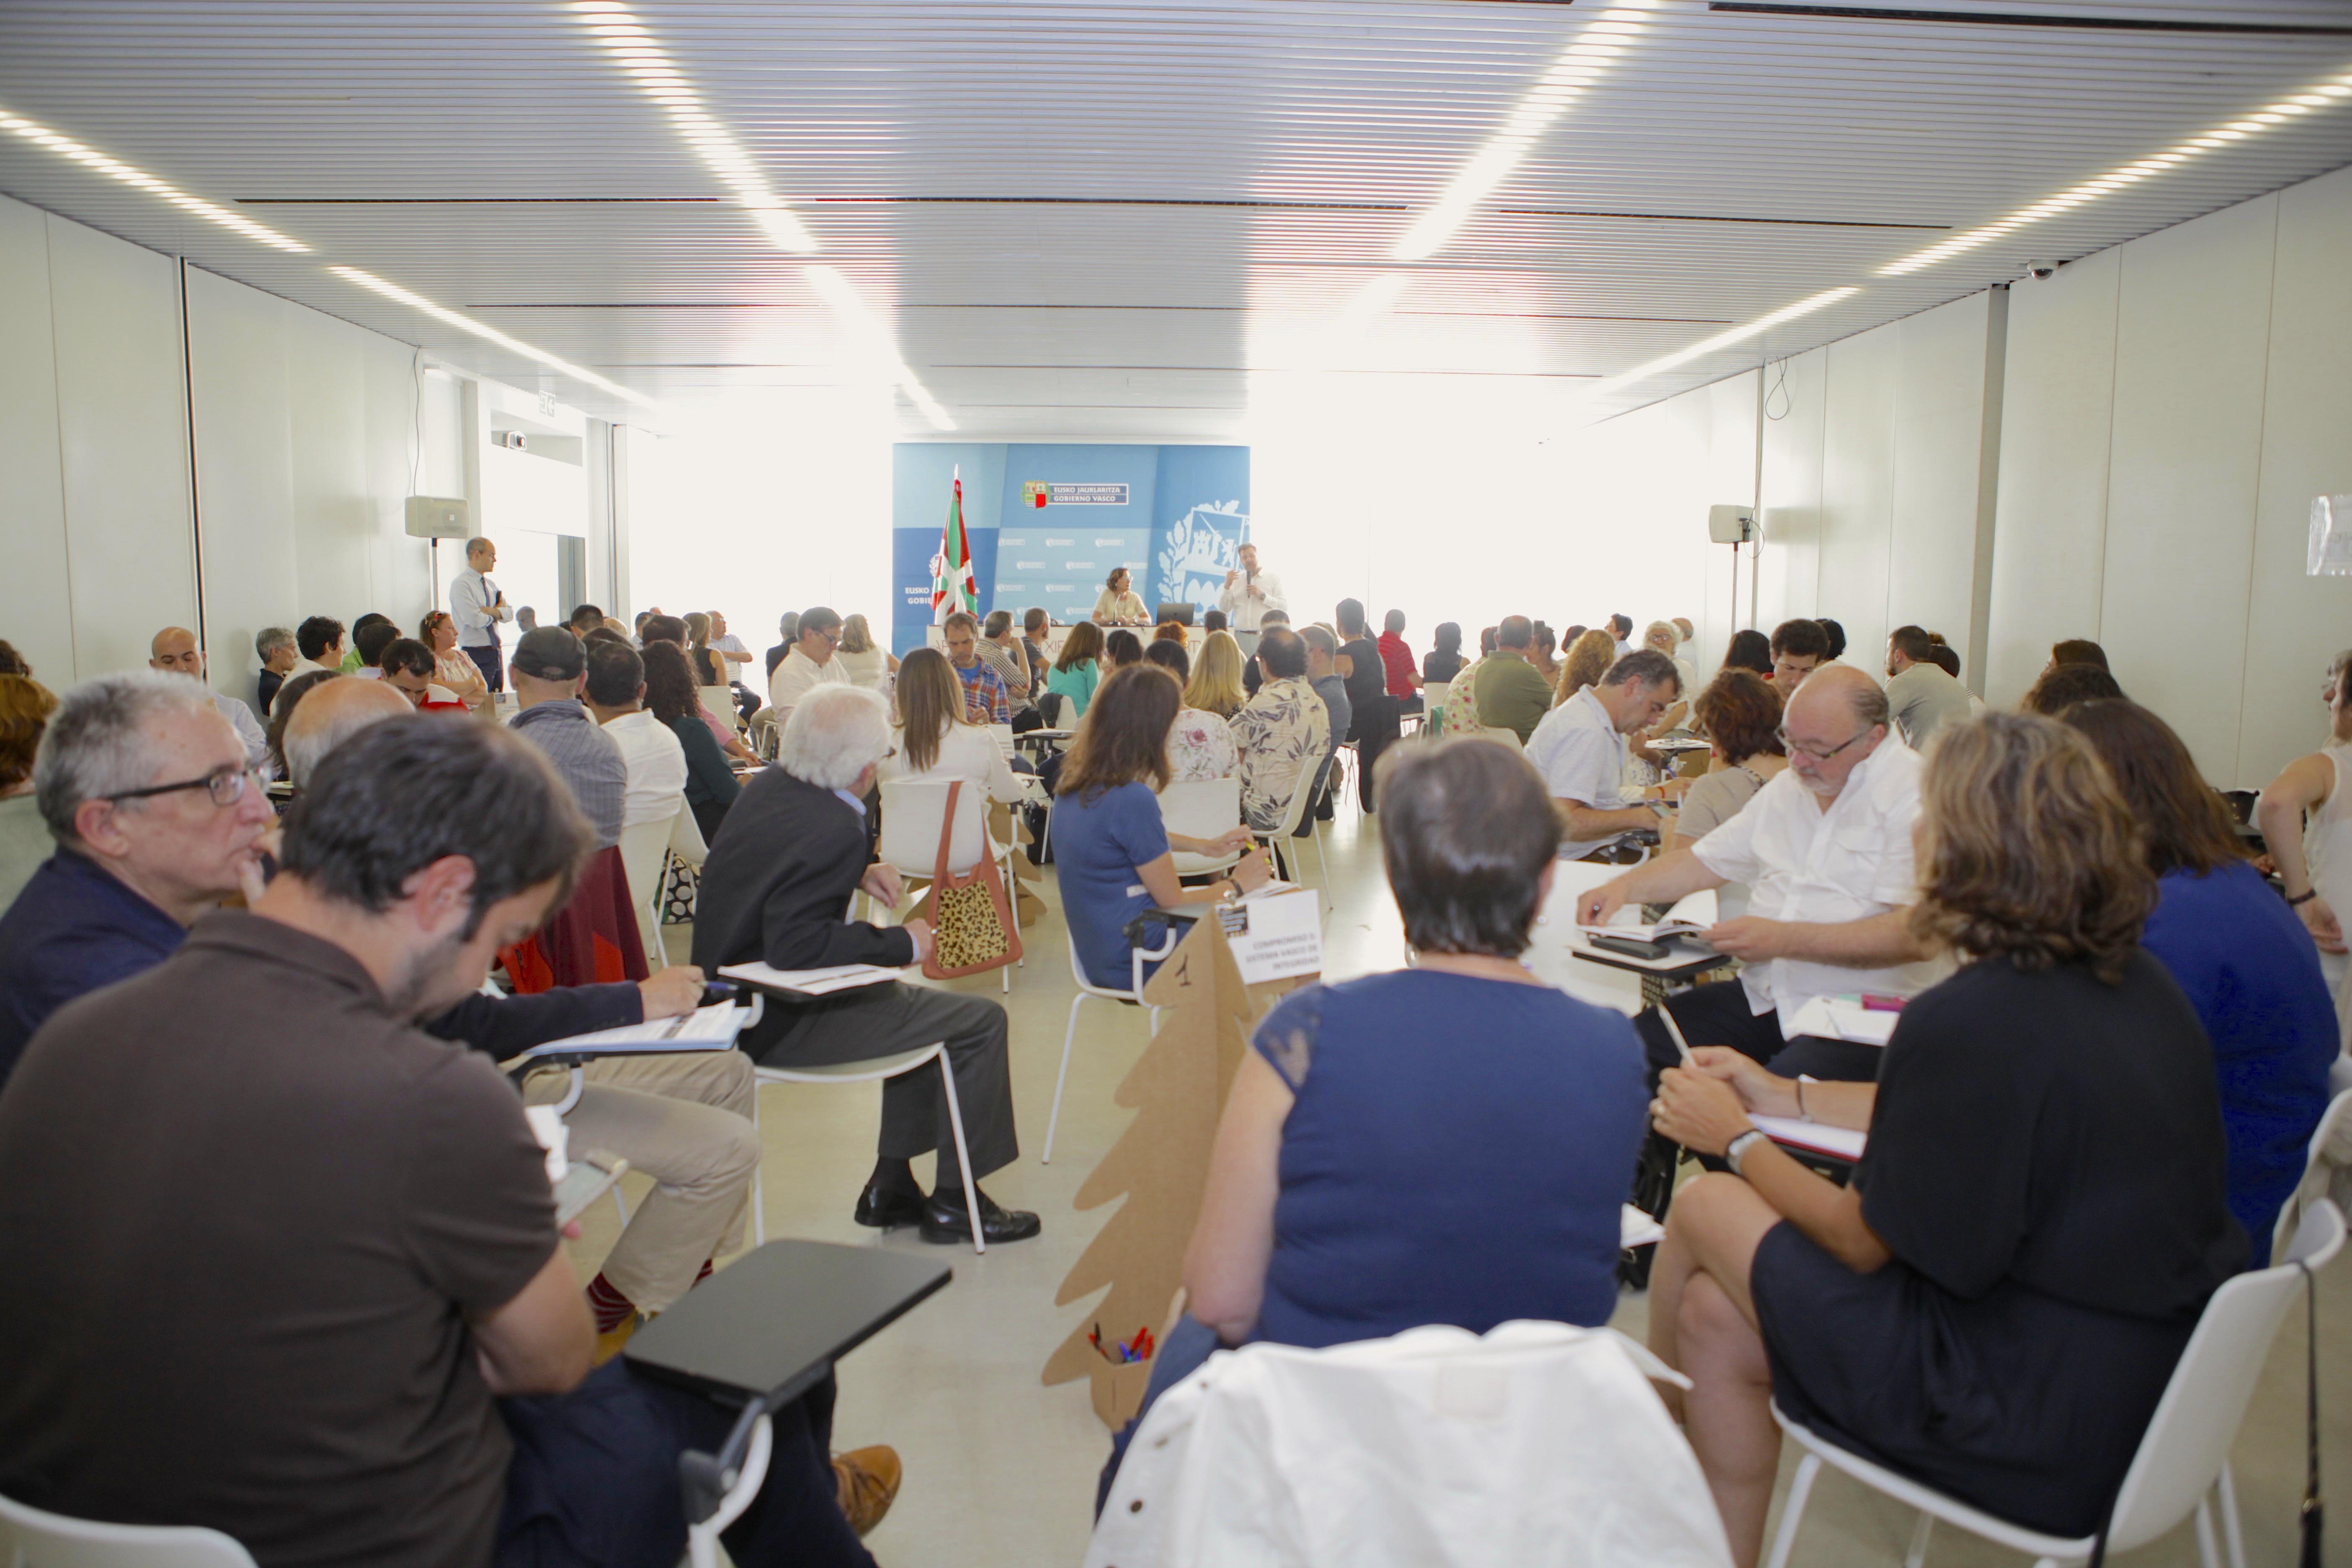 Foro abierto para el proceso de co-creación del Plan de Acción de la OGP Euskadi  (Open Government Partnership)